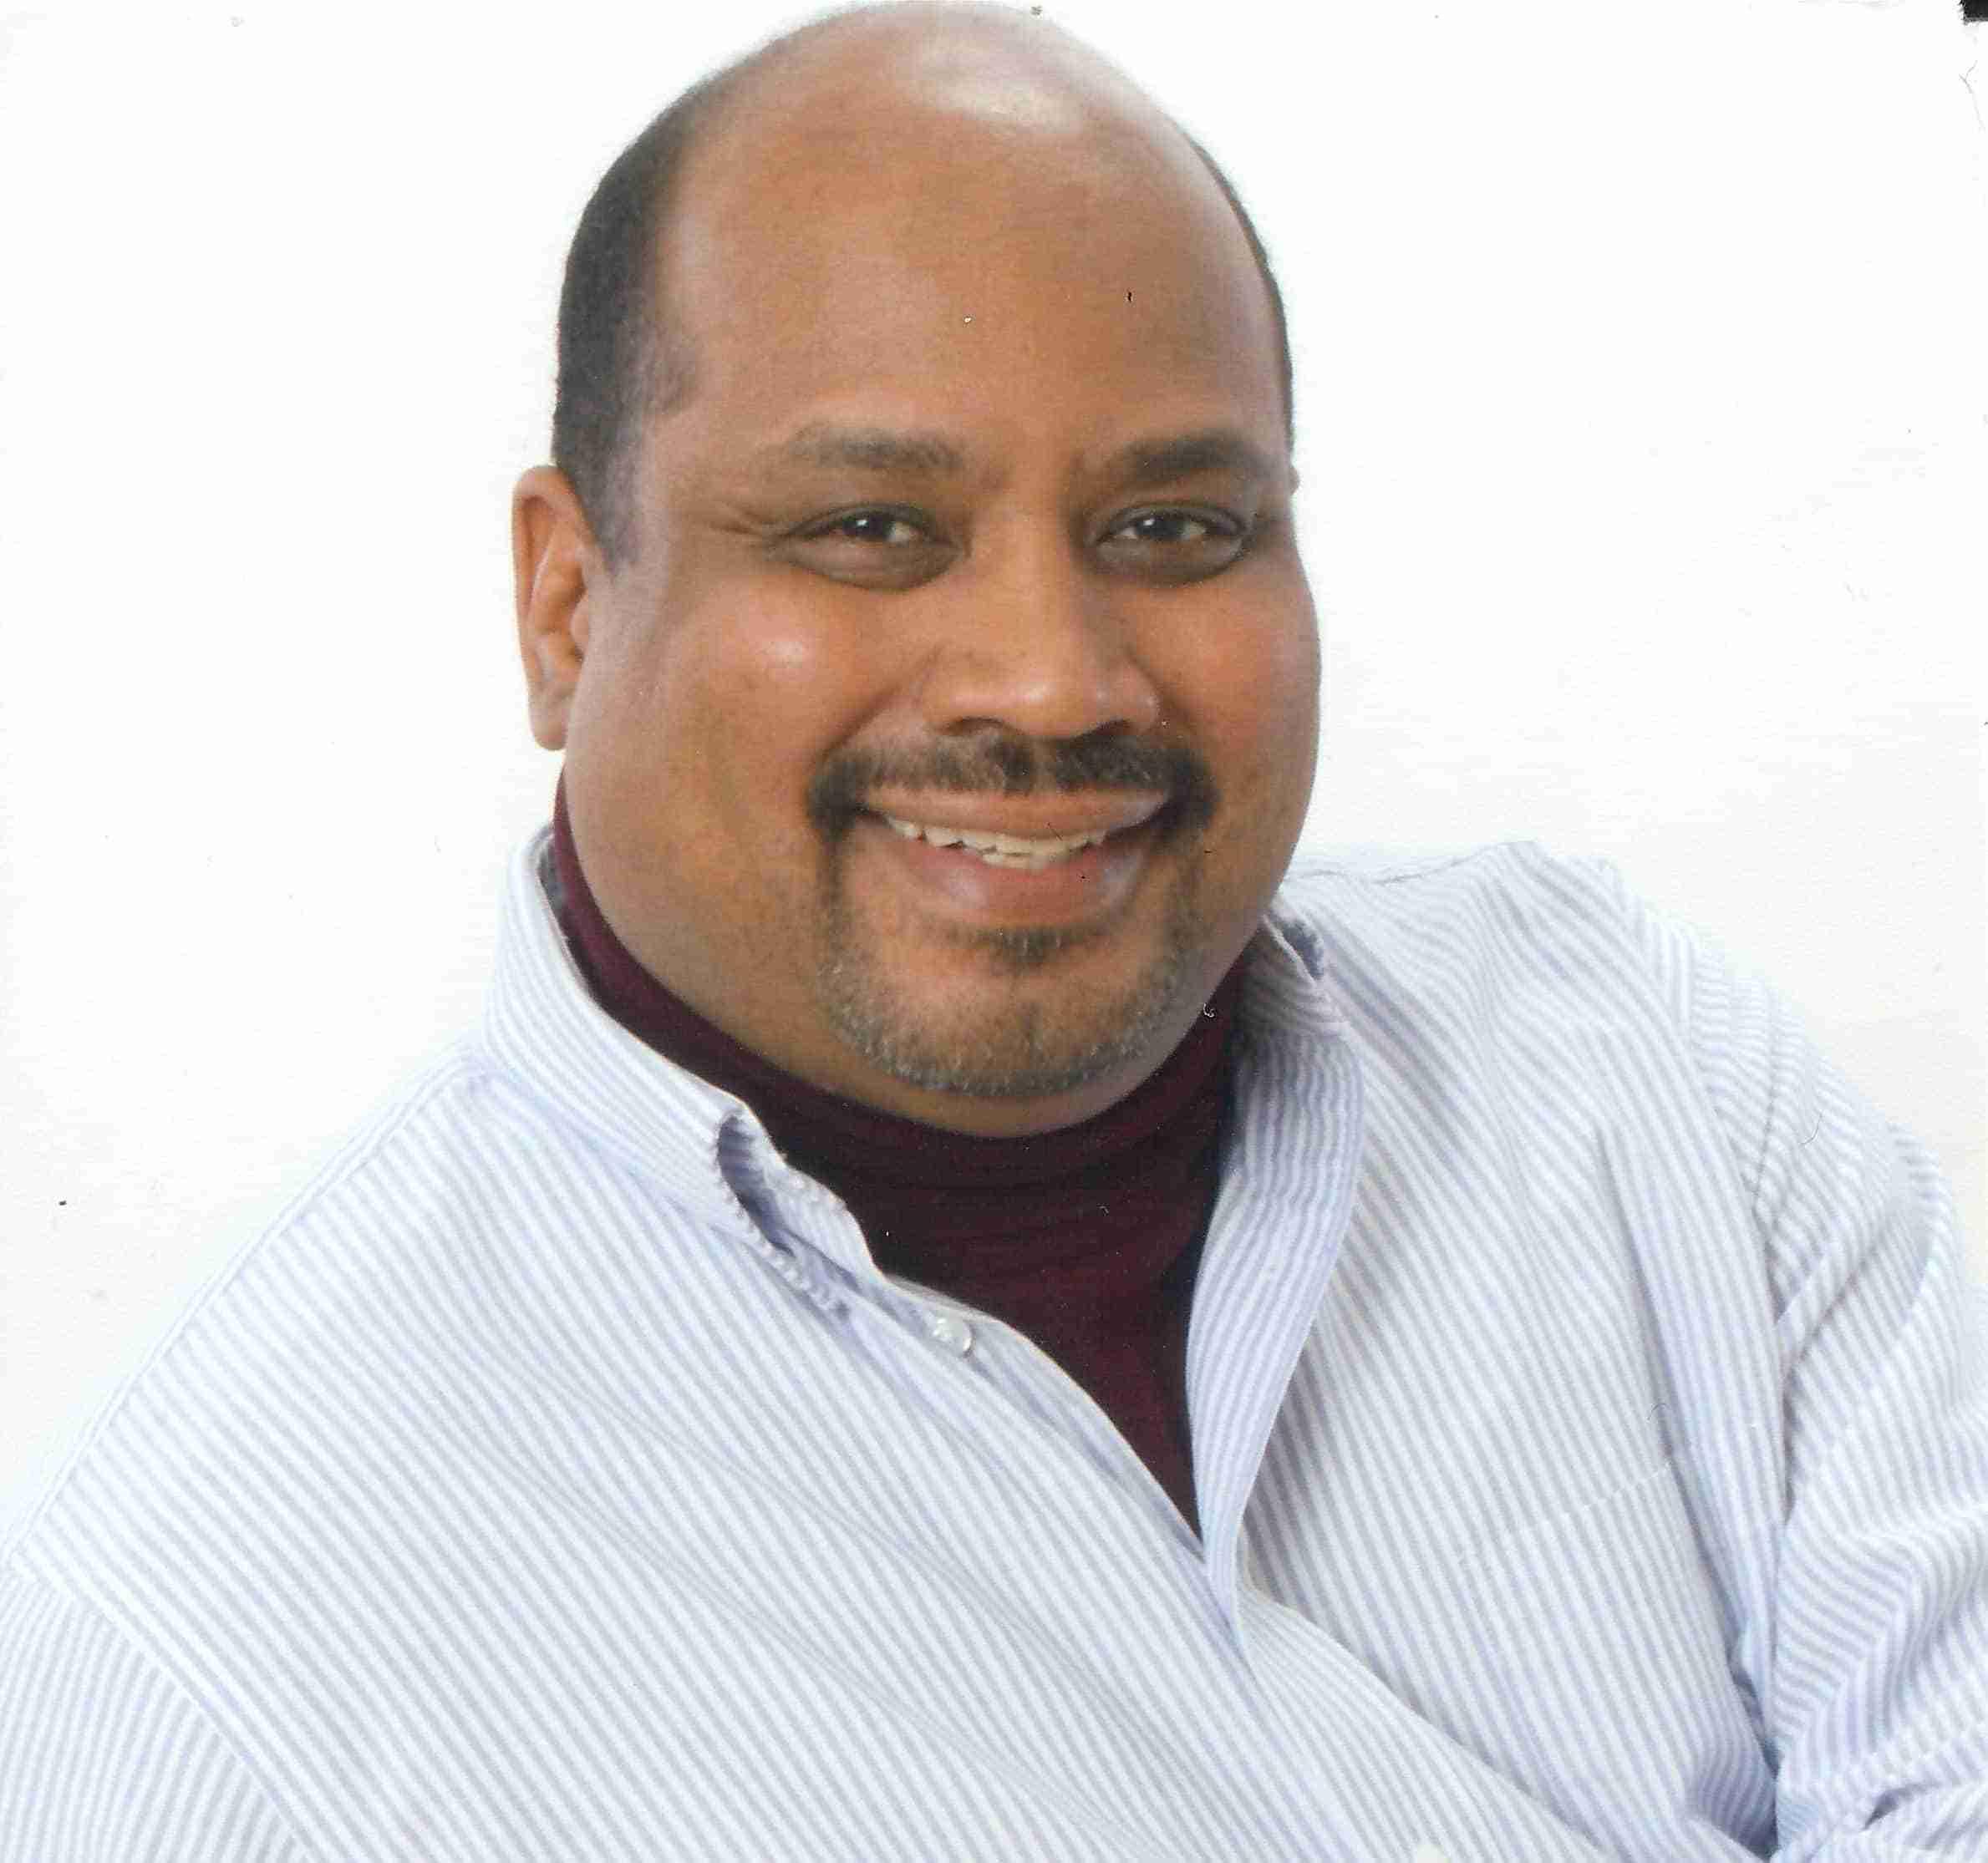 Pastor Kevin M. Gregg